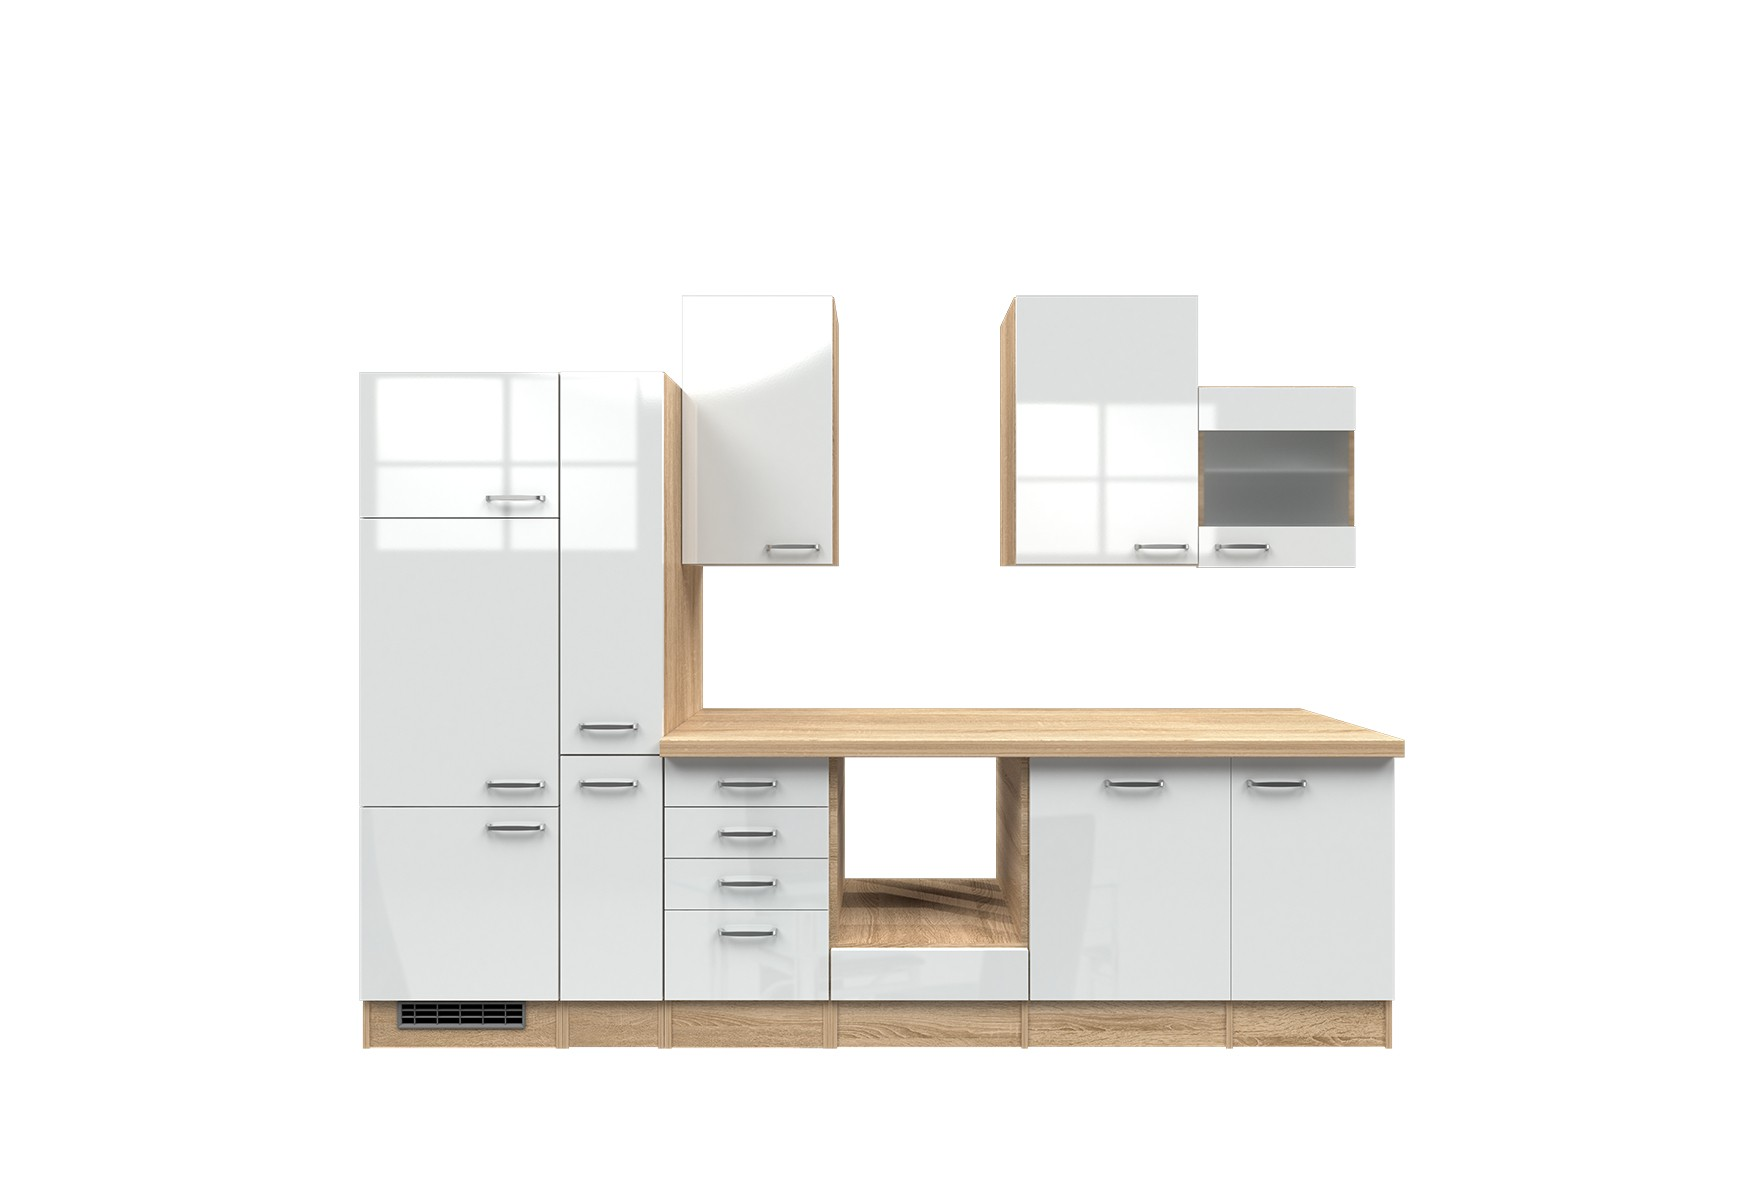 k chenzeile venedig k chen leerblock mit glash nger breite 310 cm wei k che k chenzeilen. Black Bedroom Furniture Sets. Home Design Ideas